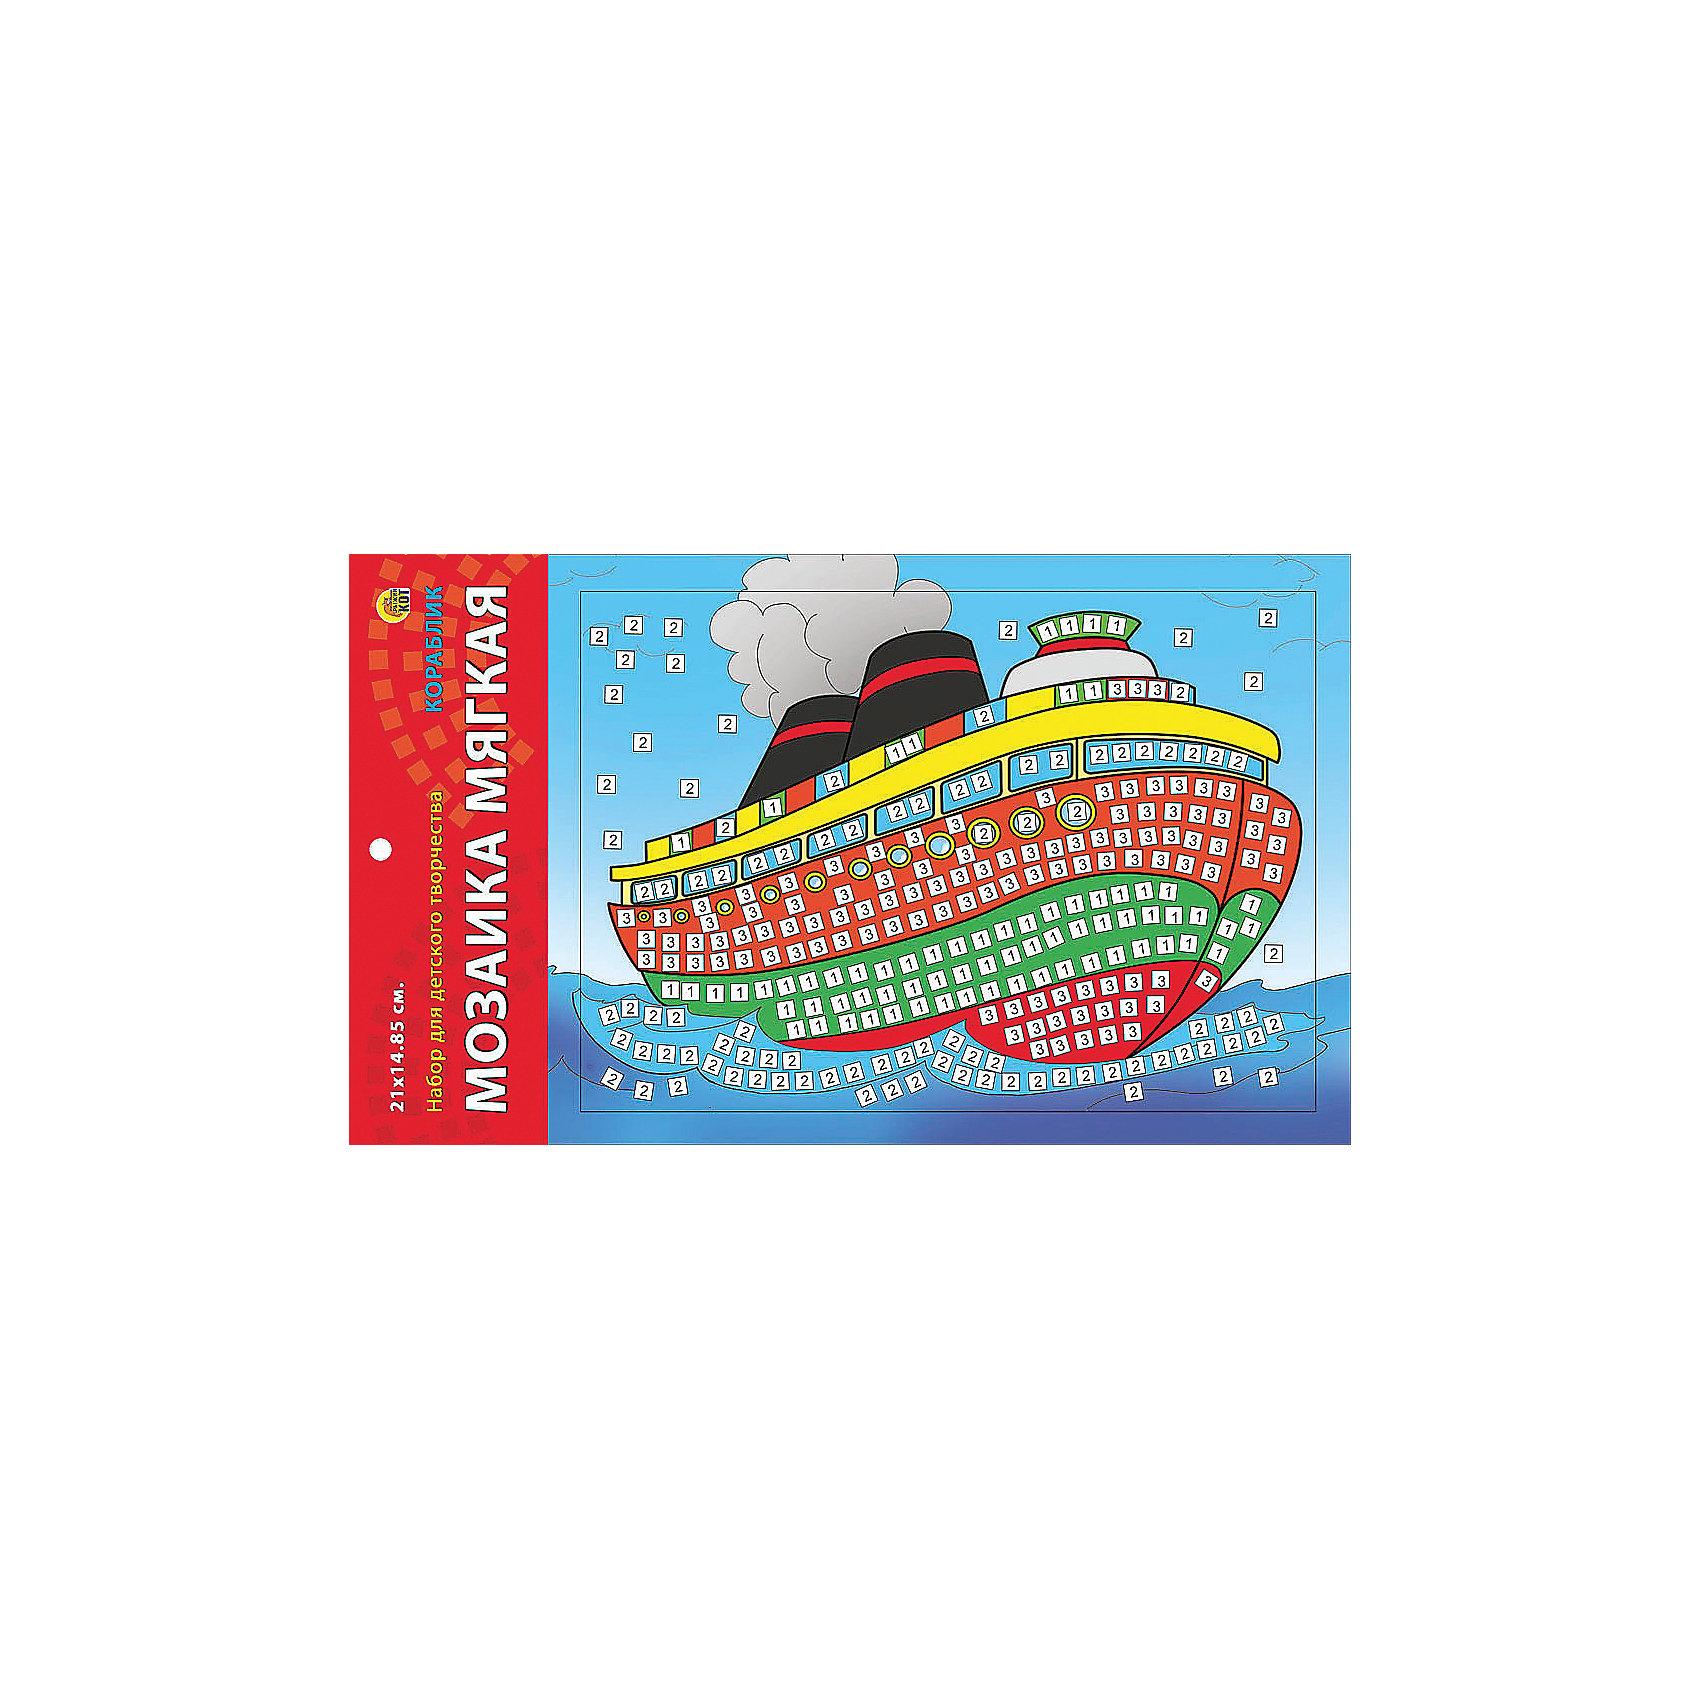 Мягкая мозаика Кораблик формат А5 (21х15 см)Замечательный набор для детского творчества серии Мягкая мозаика станет прекрасным подарком для Вашего ребёнка, ведь он развивает творческие способности, мелкую моторику рук, цветовосприятие, внимание и художественный вкус! Малышу просто необходимо приклеить к пронумерованным областям на картинке детали соответствующих цветов. Набор привлекает ярким красивым дизайном и выполнен из безопасных материалов. Предназначено для детей в возрасте от 3-х лет.<br><br>Ширина мм: 350<br>Глубина мм: 50<br>Высота мм: 225<br>Вес г: 450<br>Возраст от месяцев: 0<br>Возраст до месяцев: 108<br>Пол: Унисекс<br>Возраст: Детский<br>SKU: 5096861